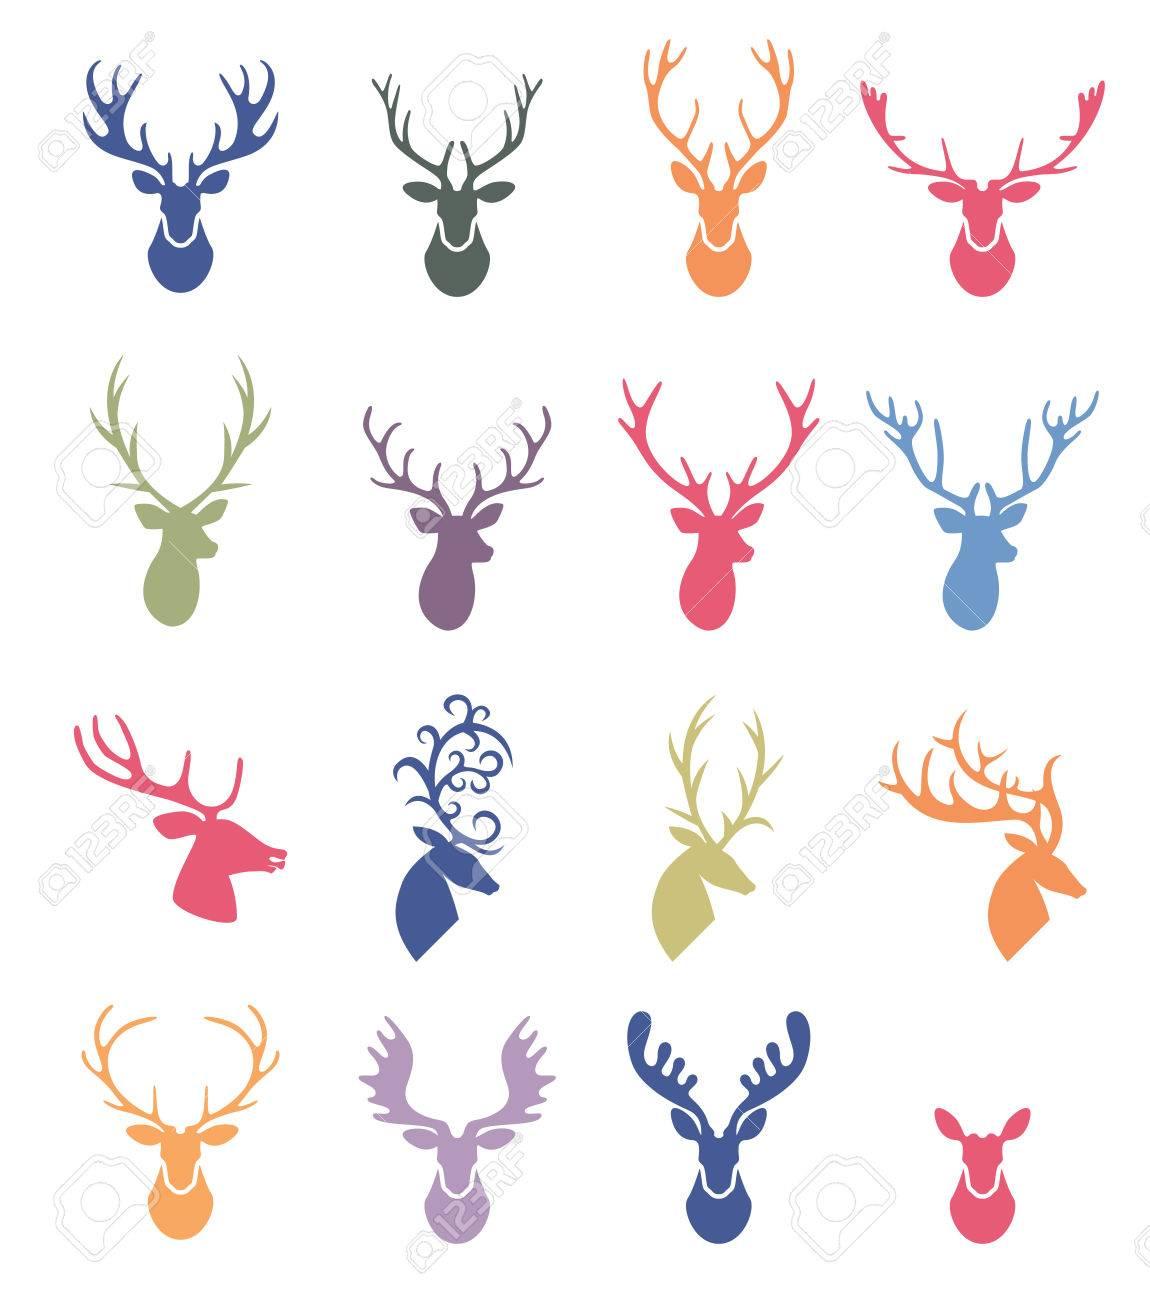 Rentiergeweih Illustration Deer Hörner Label Festgelegt Lizenzfrei